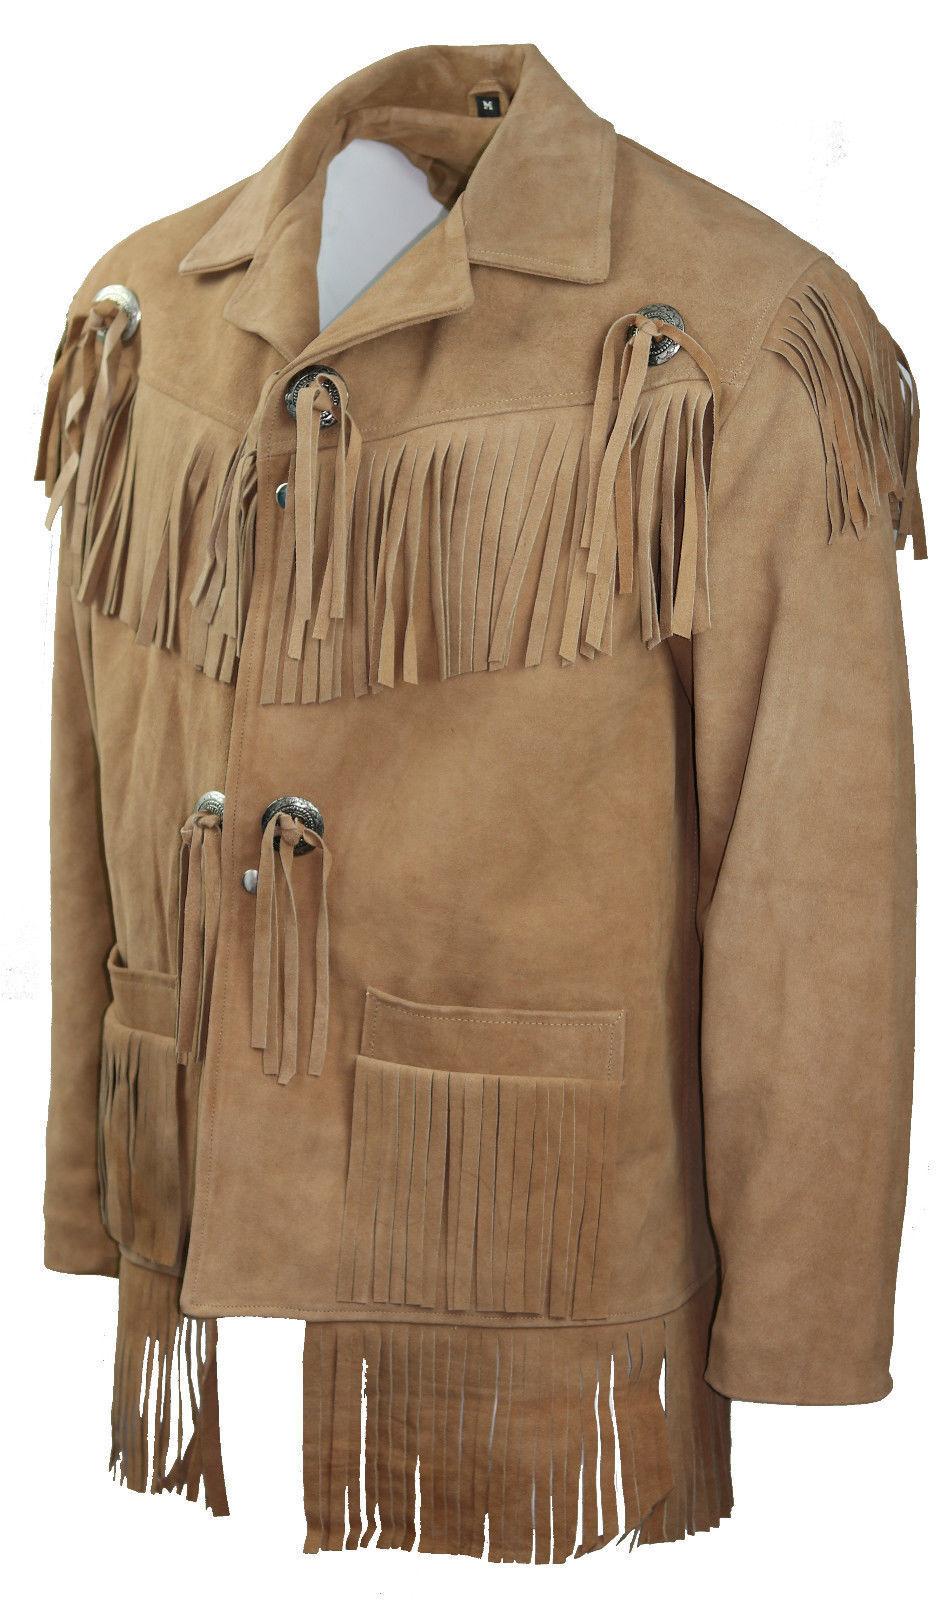 Hombres Beige Cuero de Gamuza Chaqueta Americano Flecos Occidental Vestir Abrigo